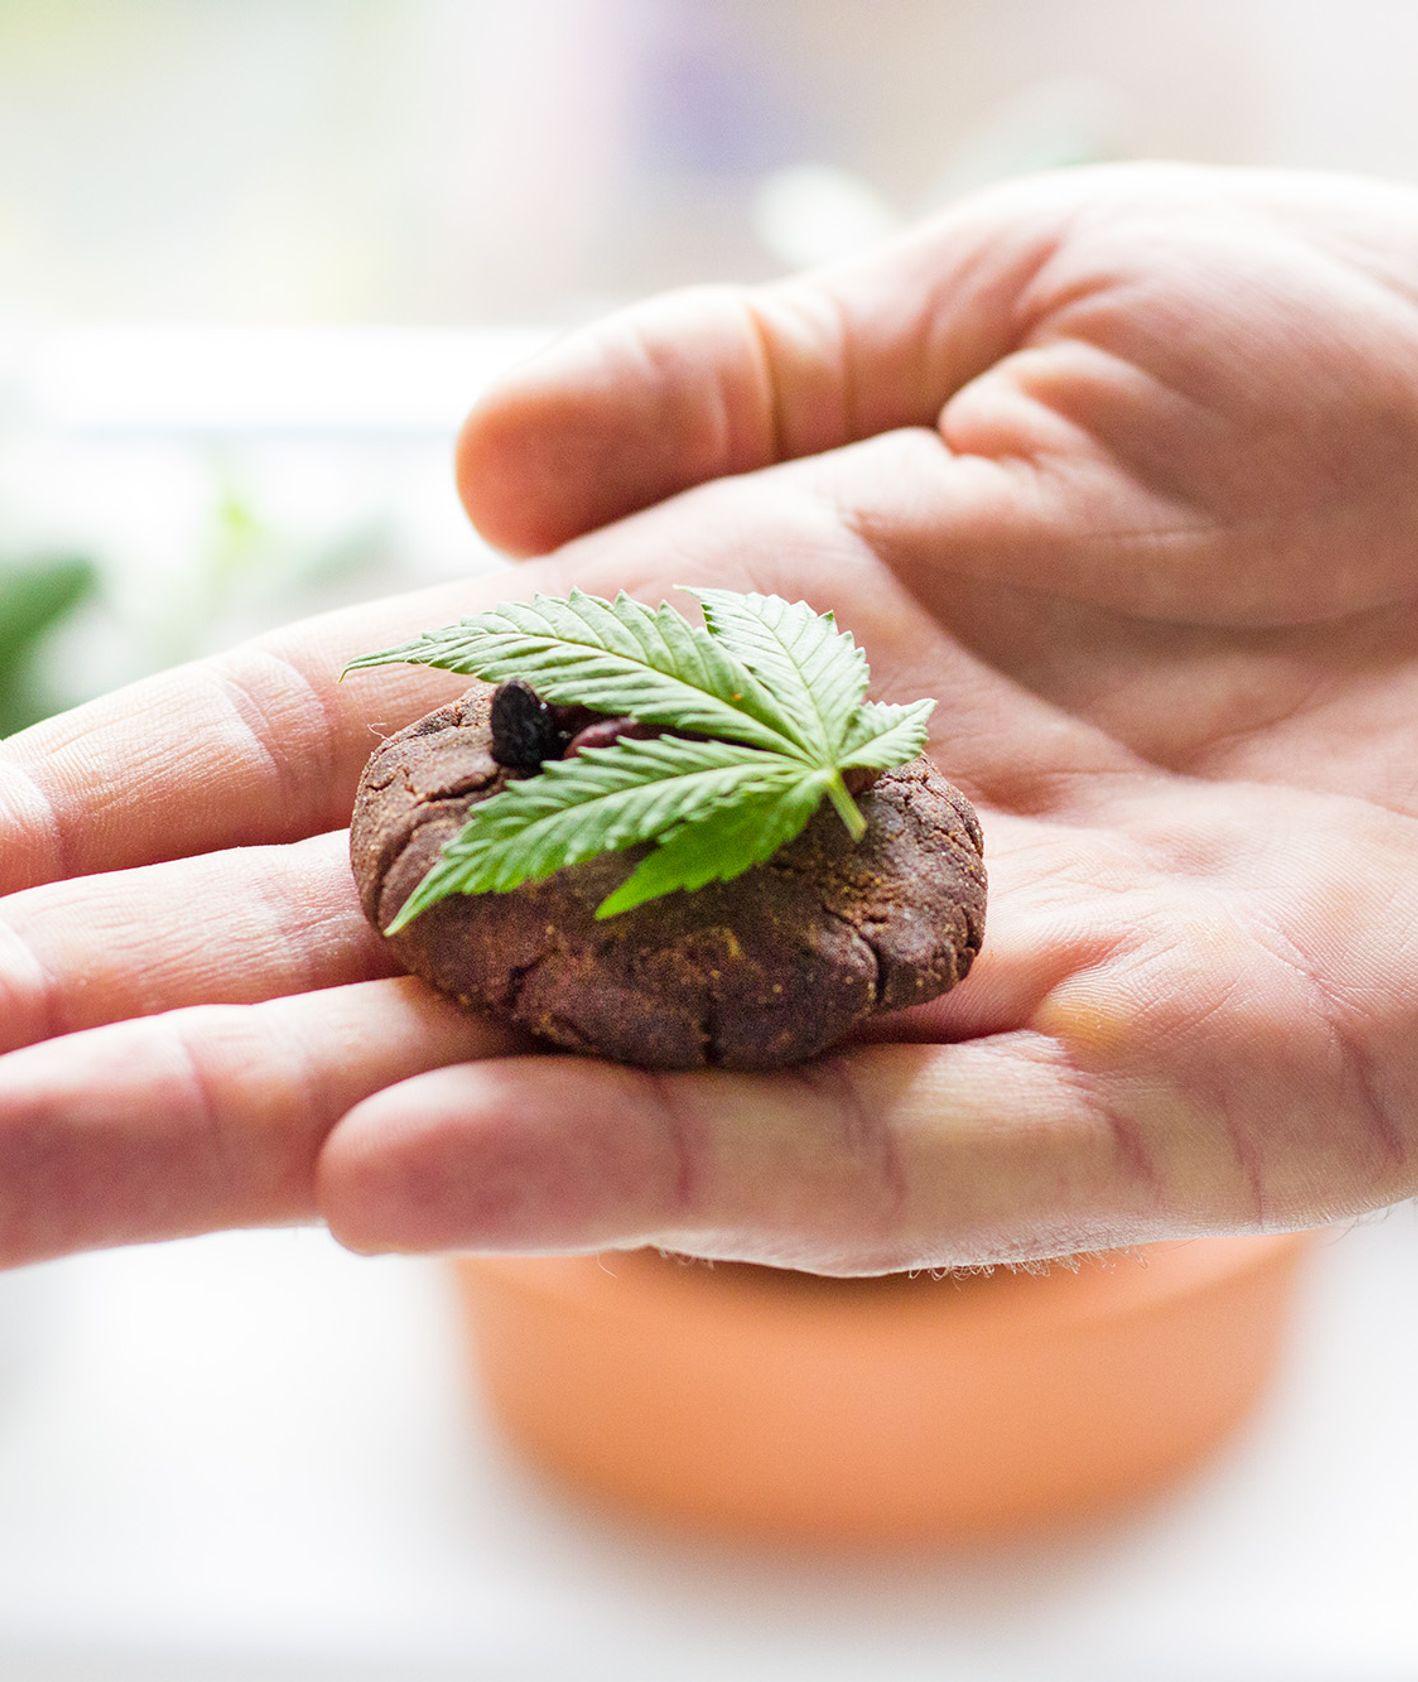 Ciasteczka z marihuaną (fot. Małgorzata Szakuła)